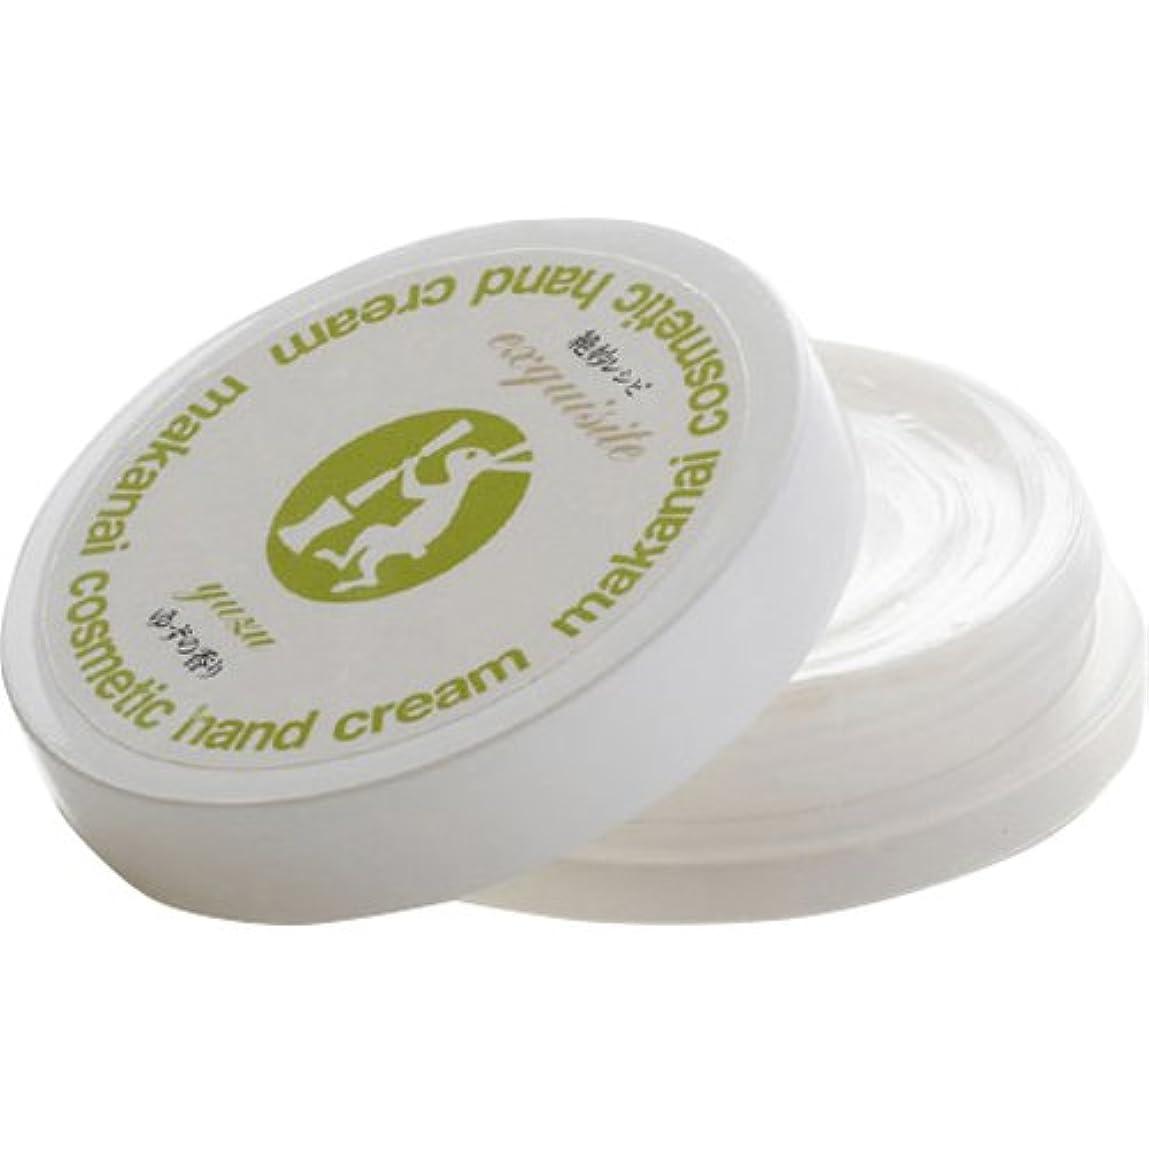 漏れブロック犠牲まかないこすめ 絶妙レシピのハンドクリーム ゆずの香り(ジャータイプ) 50g